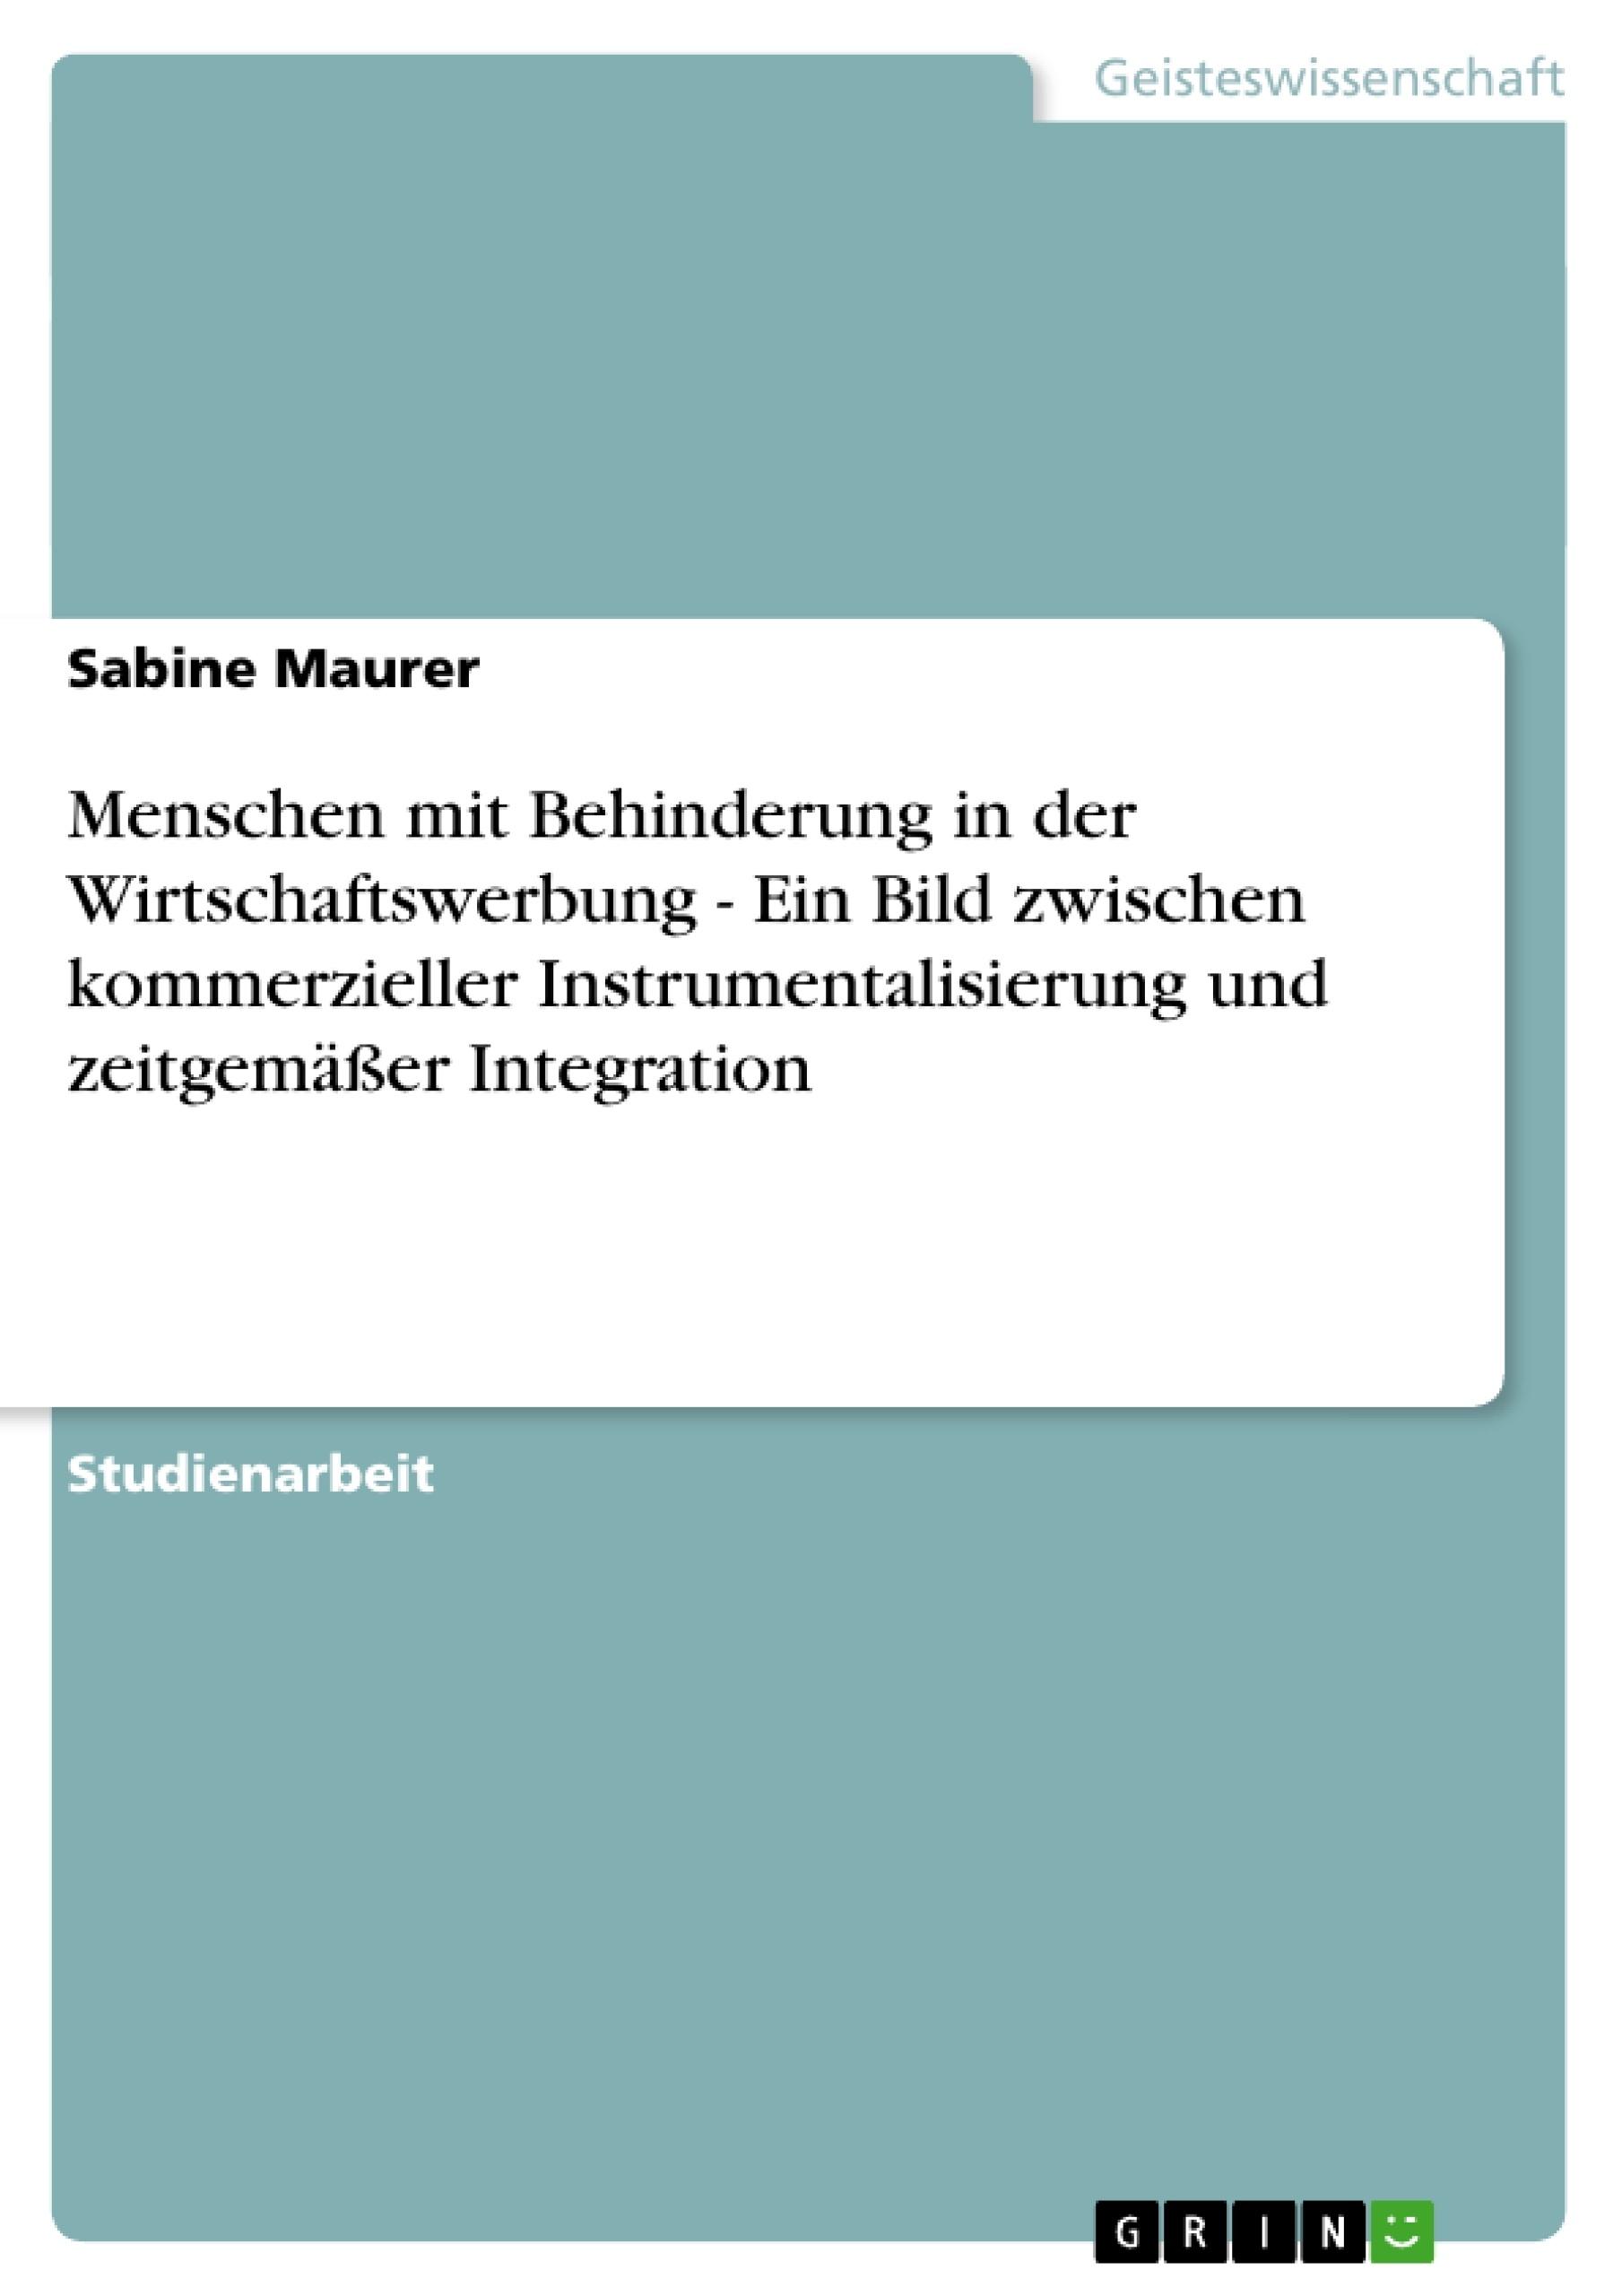 Titel: Menschen mit Behinderung in der Wirtschaftswerbung - Ein Bild zwischen kommerzieller Instrumentalisierung und zeitgemäßer Integration